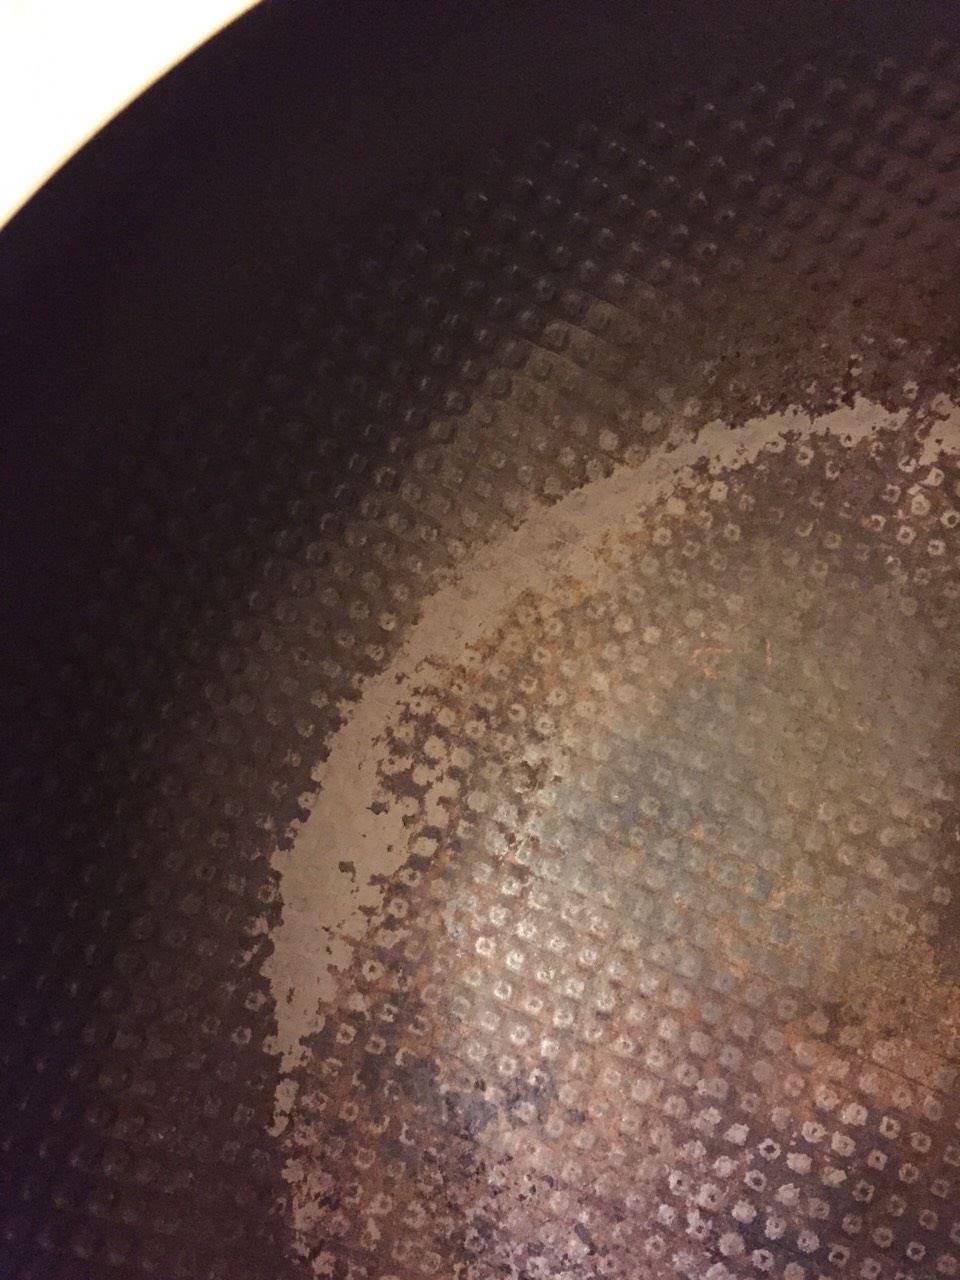 清潔鐵鍋最多只要把沾粘焦黑的部分(如醬汁燒焦)的地方刷掉(趁熱刷最輕鬆),不需要拼命刷到見底,你累鐵鍋也累,要更花時間才能養回來。 -